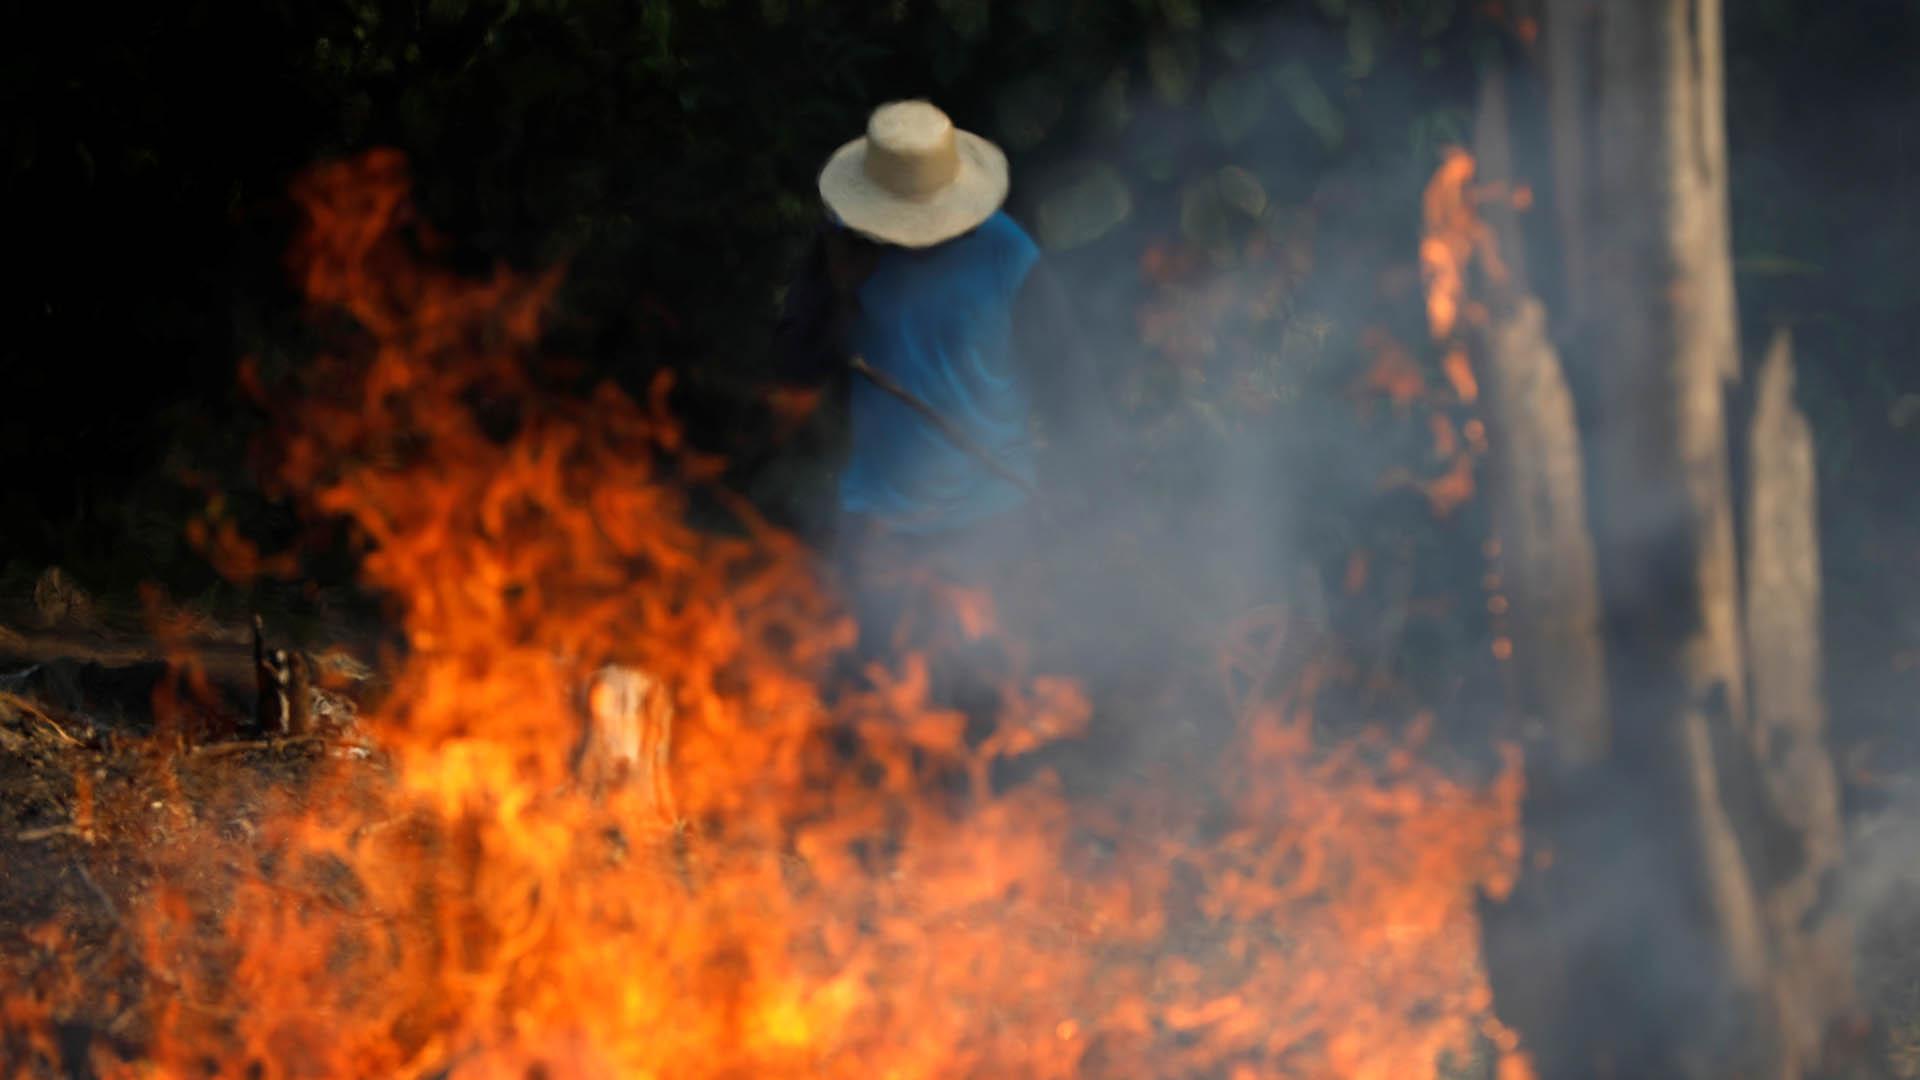 Un hombre trabaja para apagar el fuego (REUTERS/Bruno Kelly)